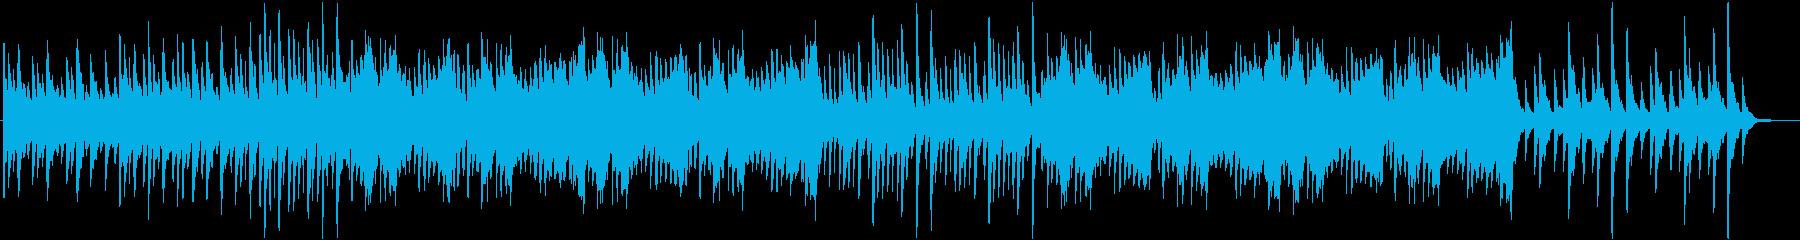 少し悲しい雰囲気の漂うワルツBGMの再生済みの波形